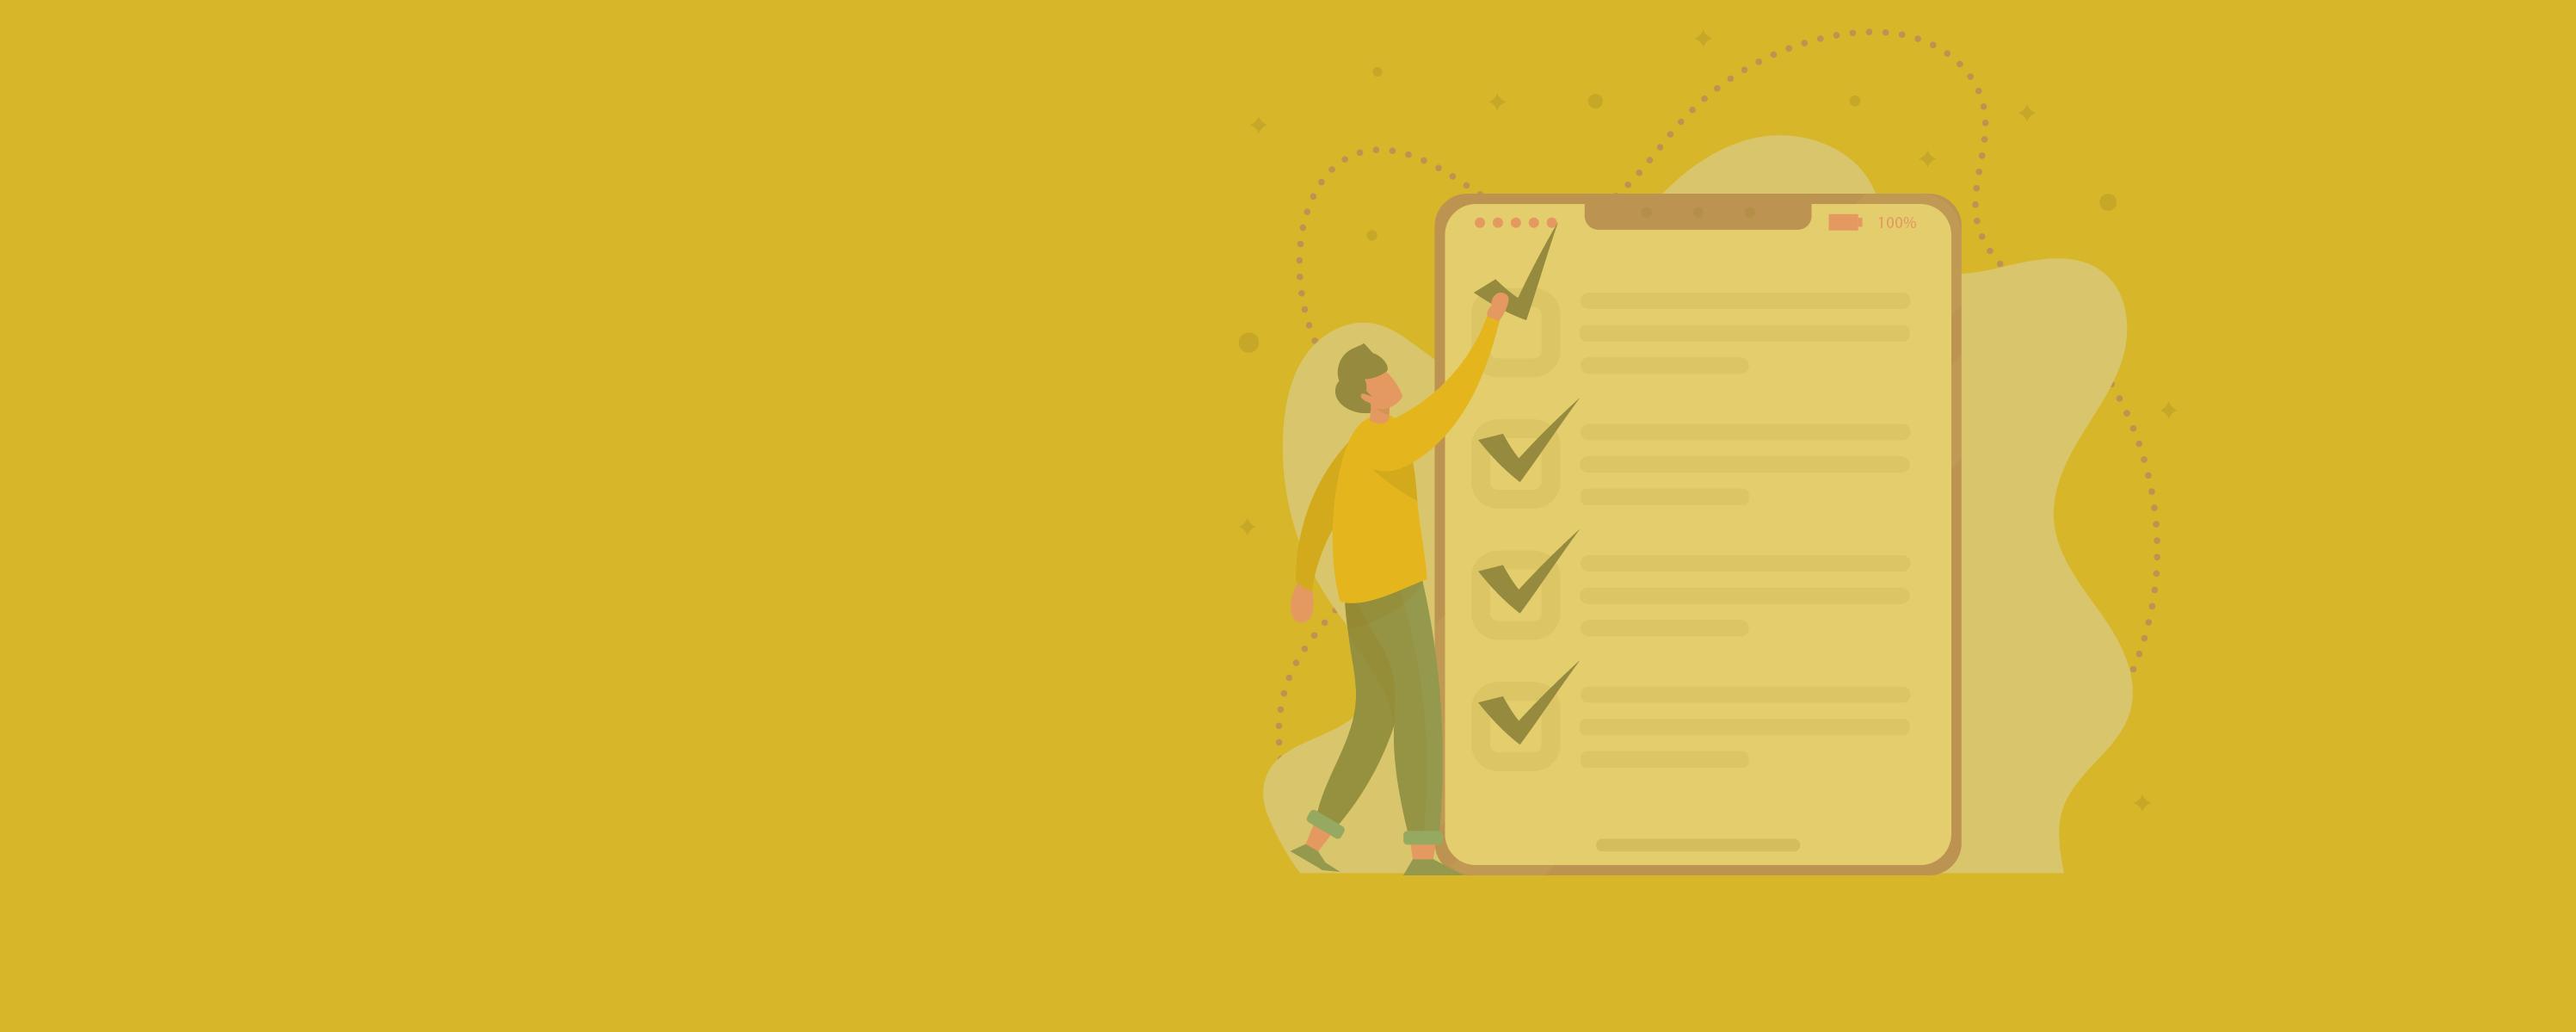 Como montar um questionário sobre qualidade no atendimento?